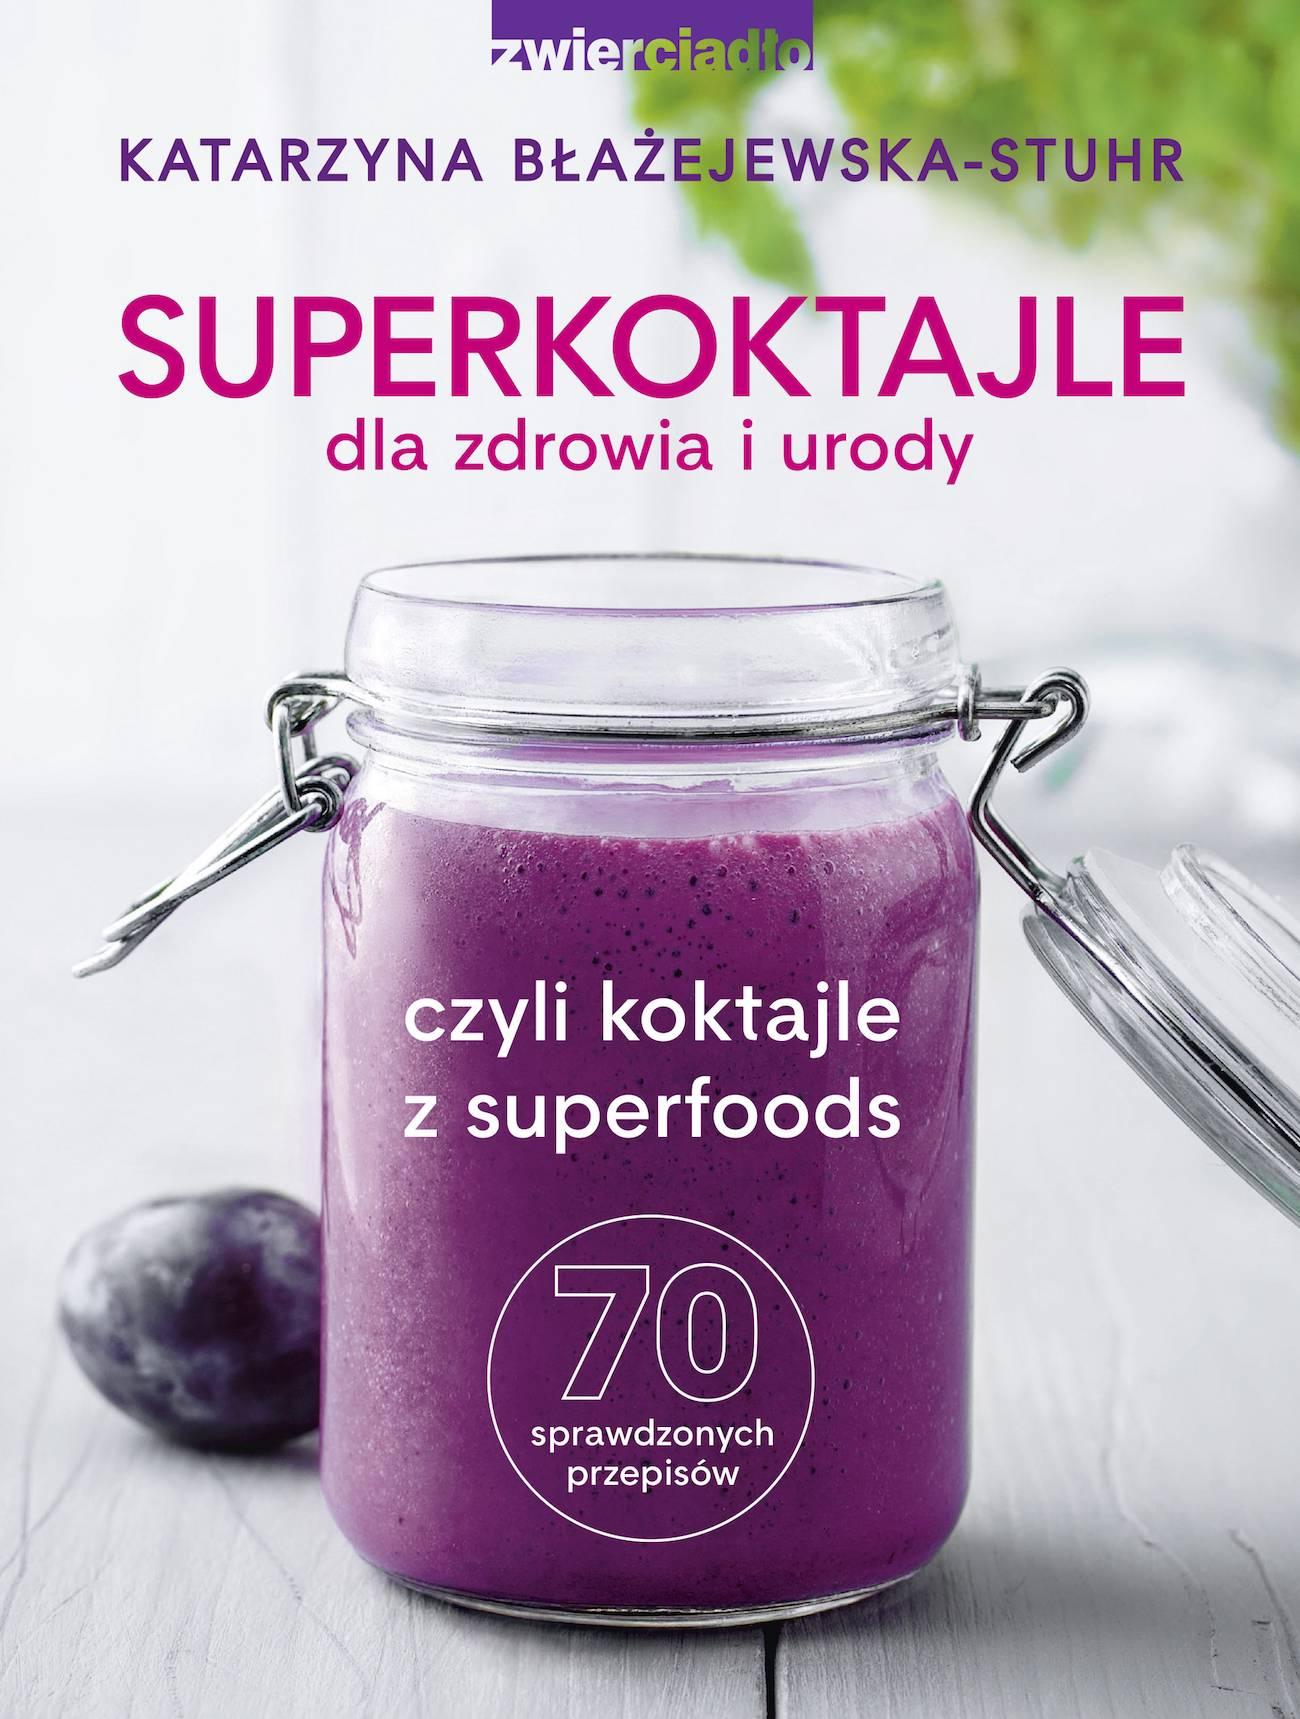 Superkoktajle dla zdrowia i urody - Katarzyna Błażejewska-Stuhr